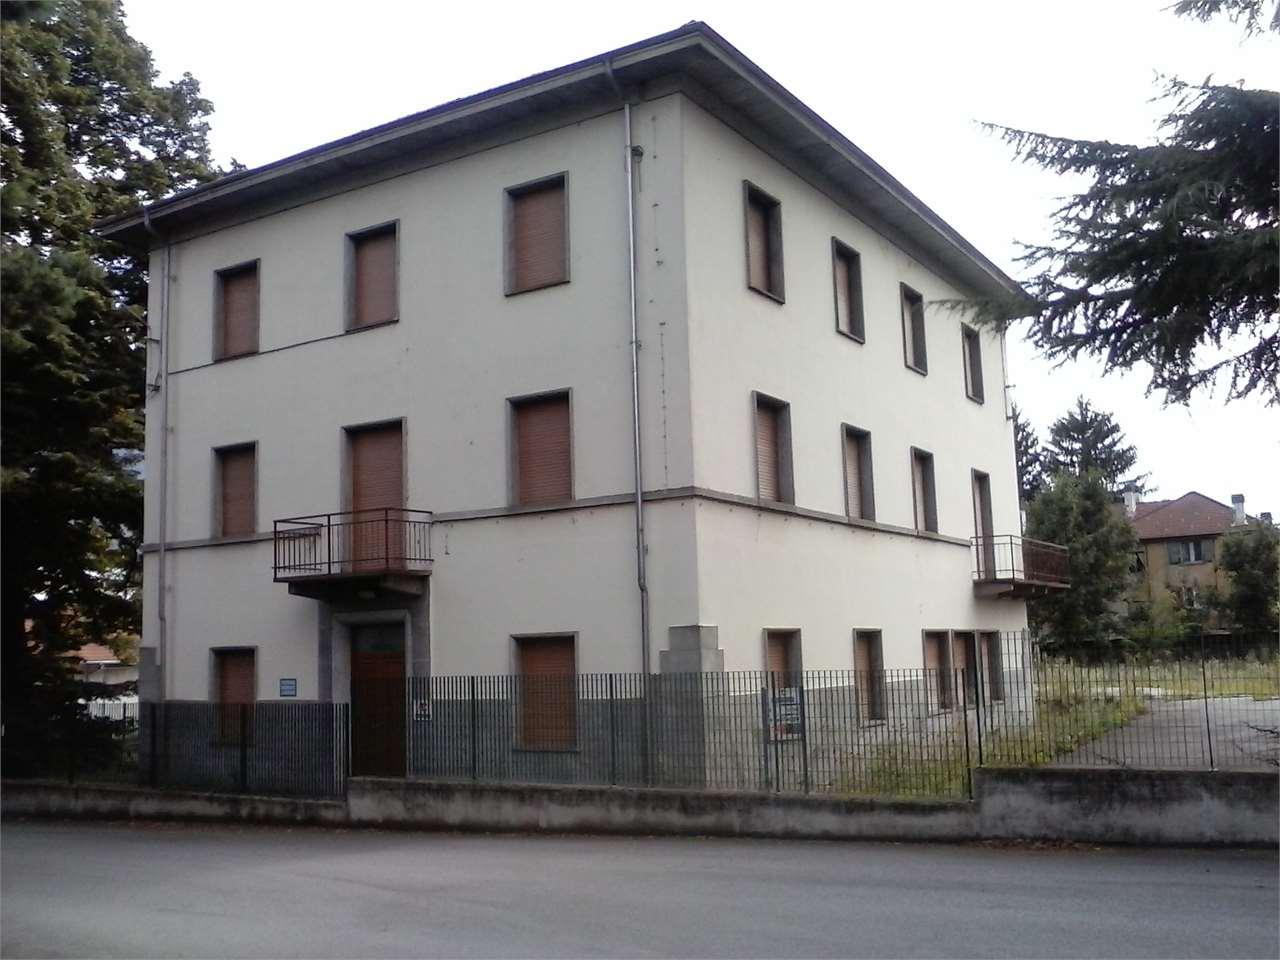 Ufficio / Studio in vendita a Domodossola, 5 locali, prezzo € 115.000 | CambioCasa.it